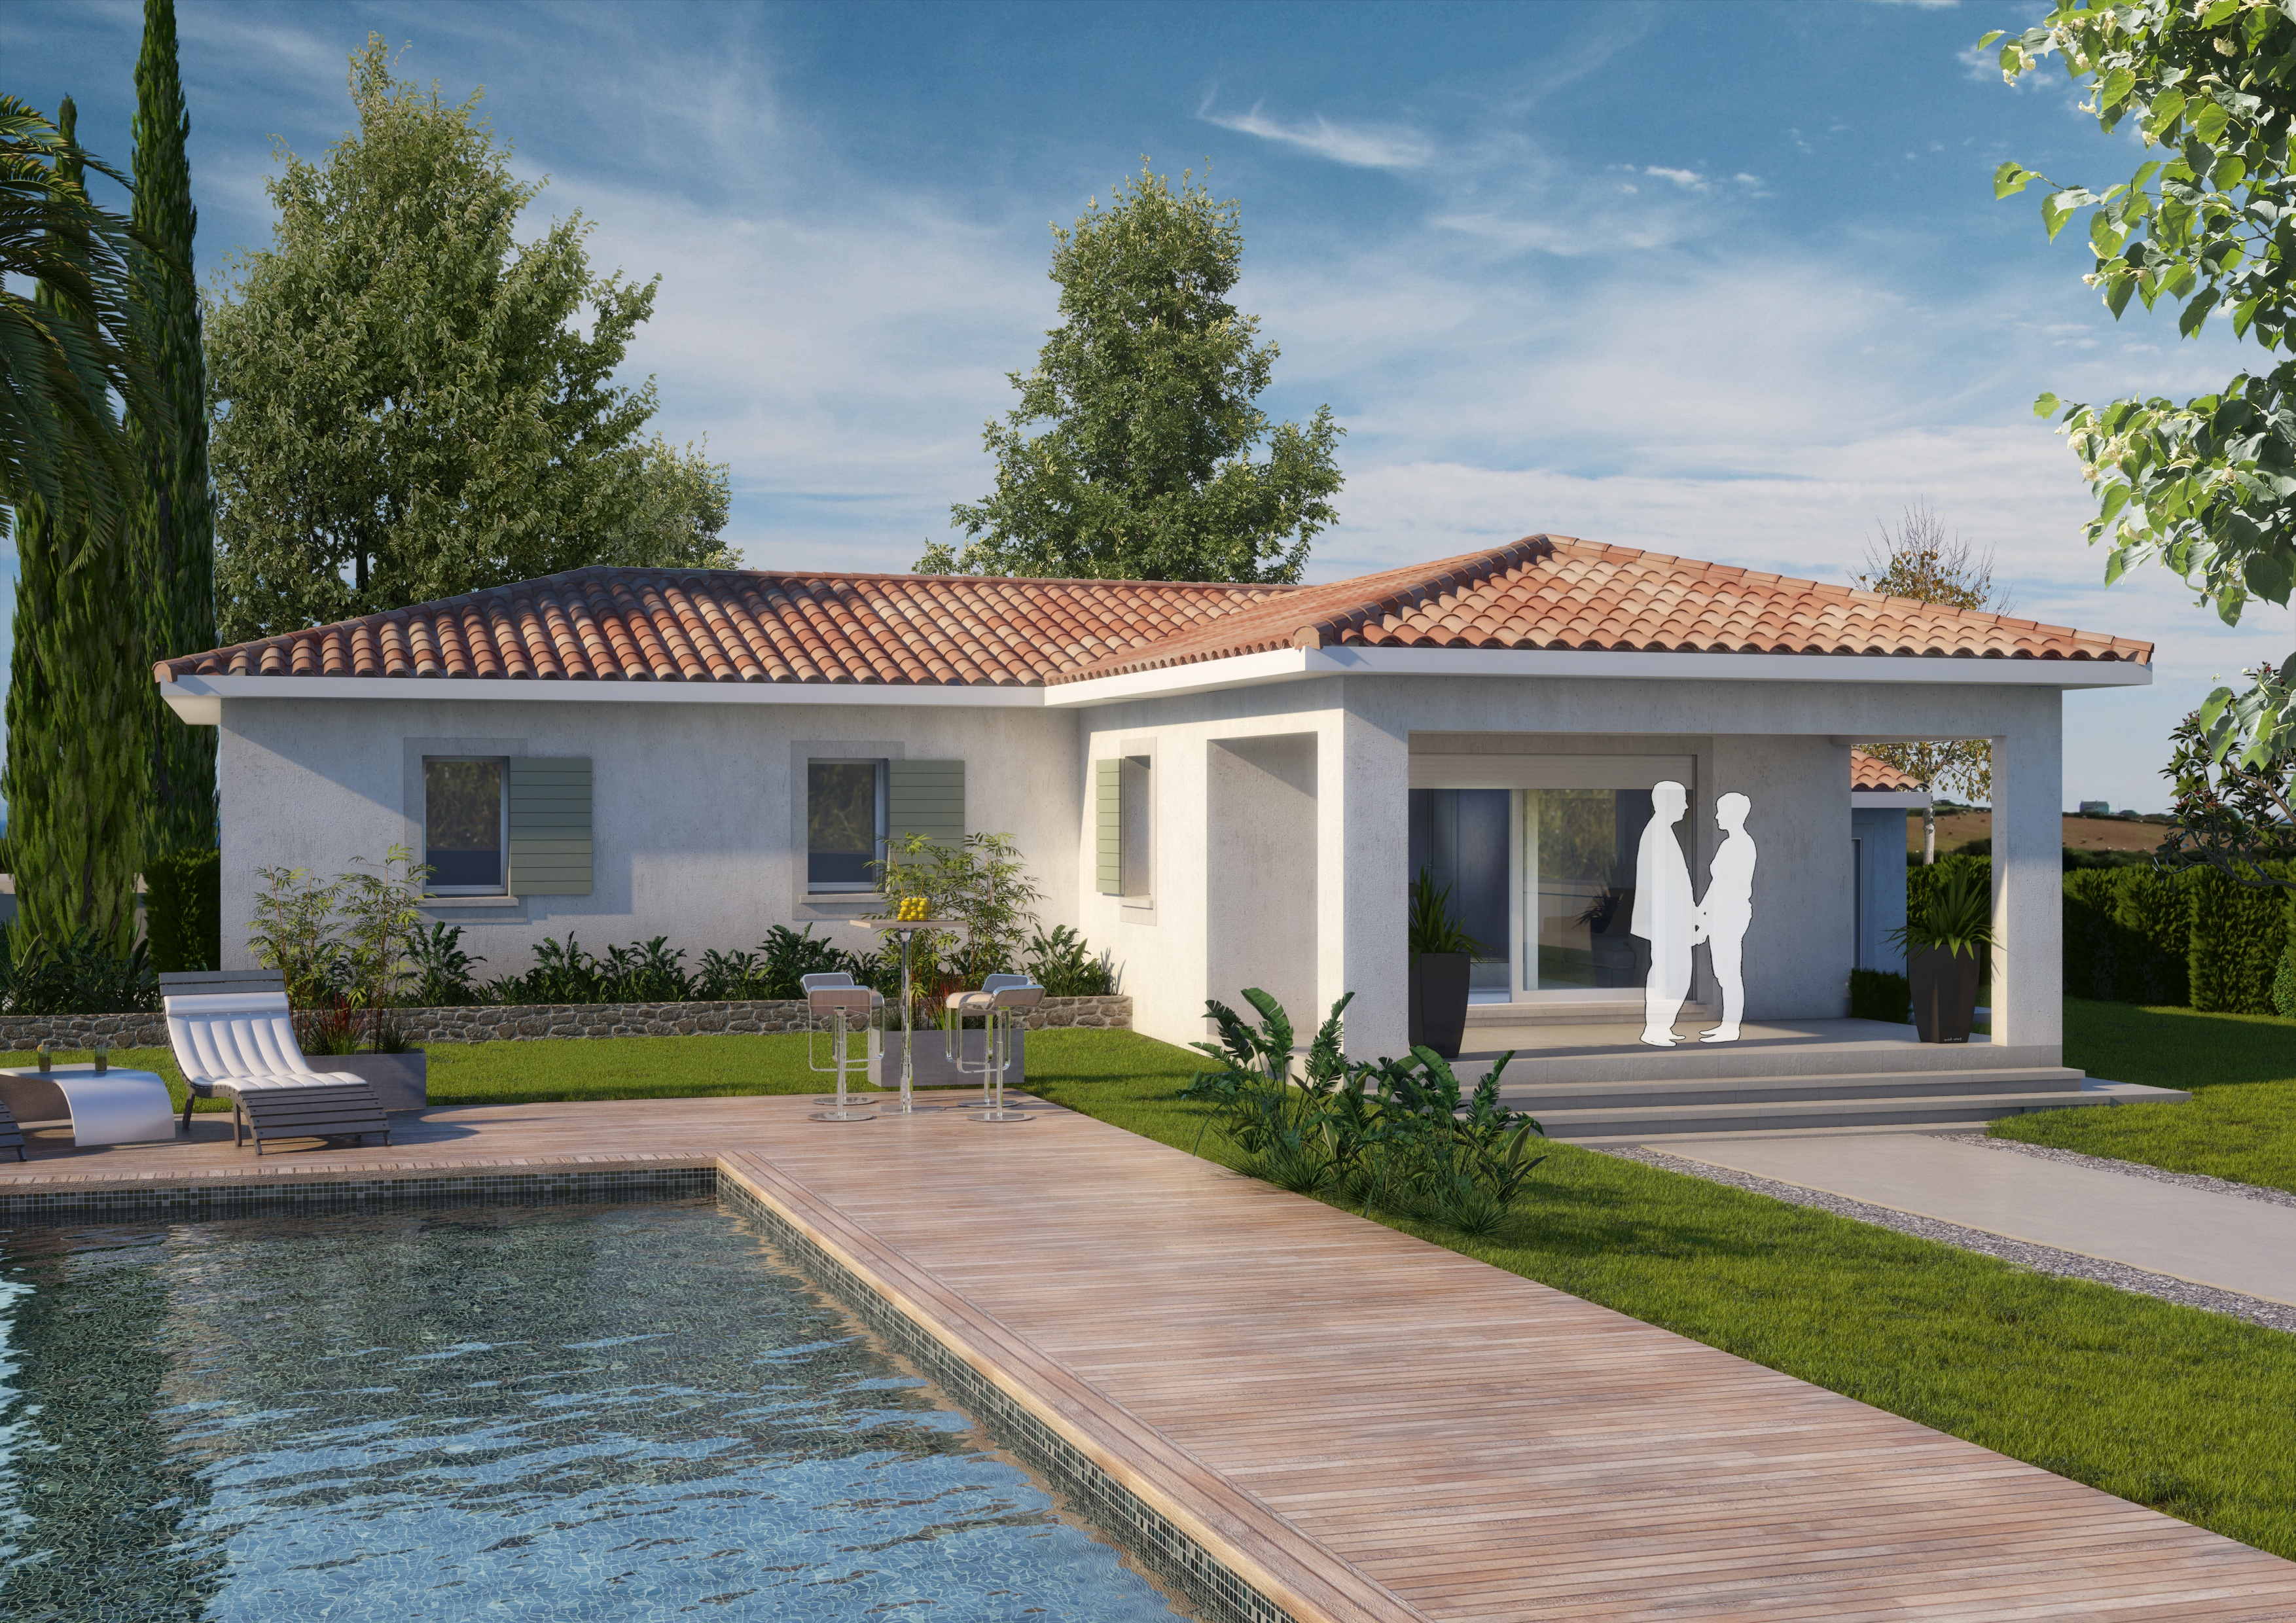 Maisons + Terrains du constructeur ART ET TRADITIONS MEDITERRANEE • 100 m² • VERS PONT DU GARD